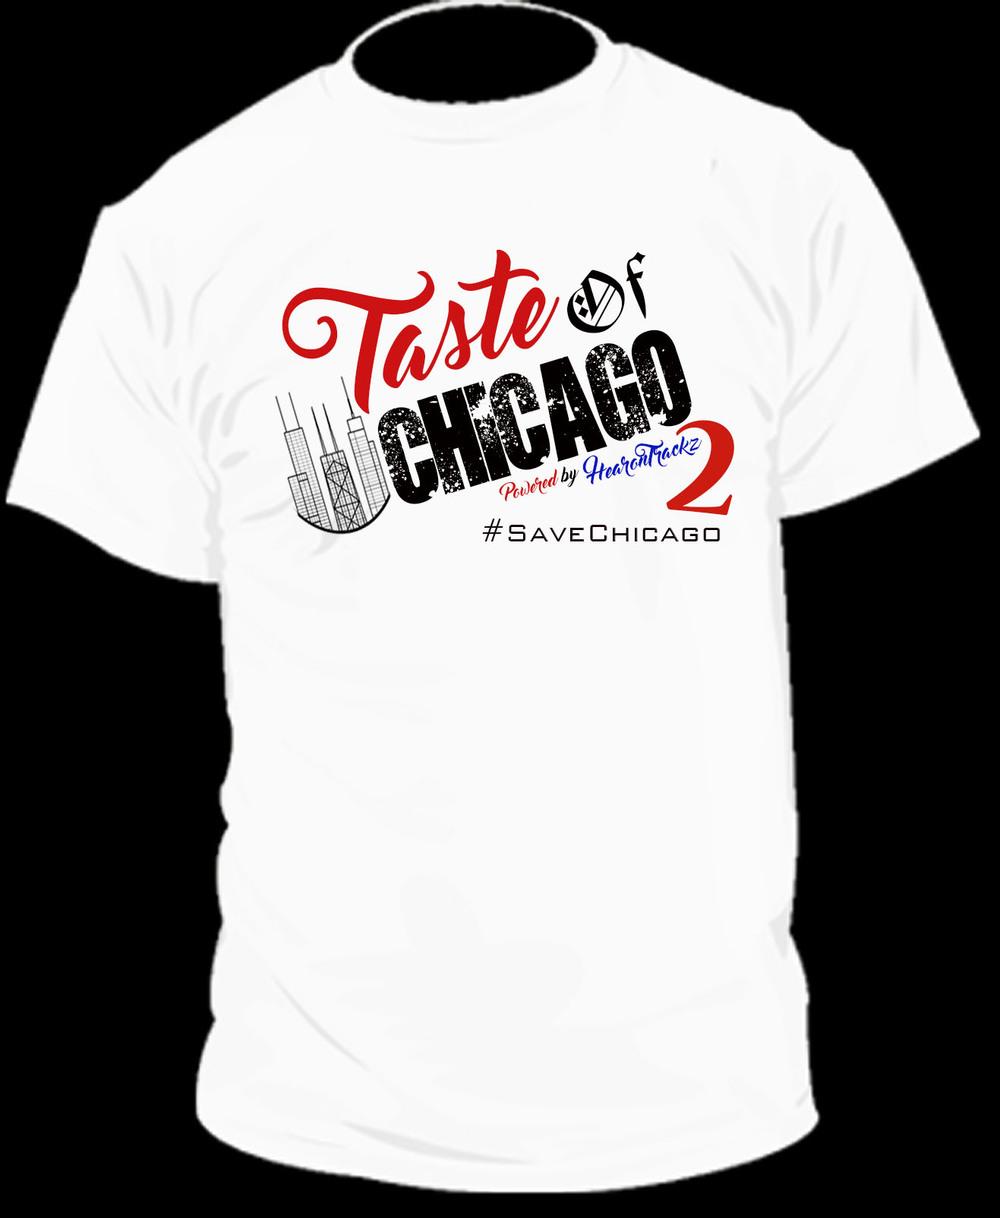 TASTE OF CHICAGO 2 shirtfn.jpg